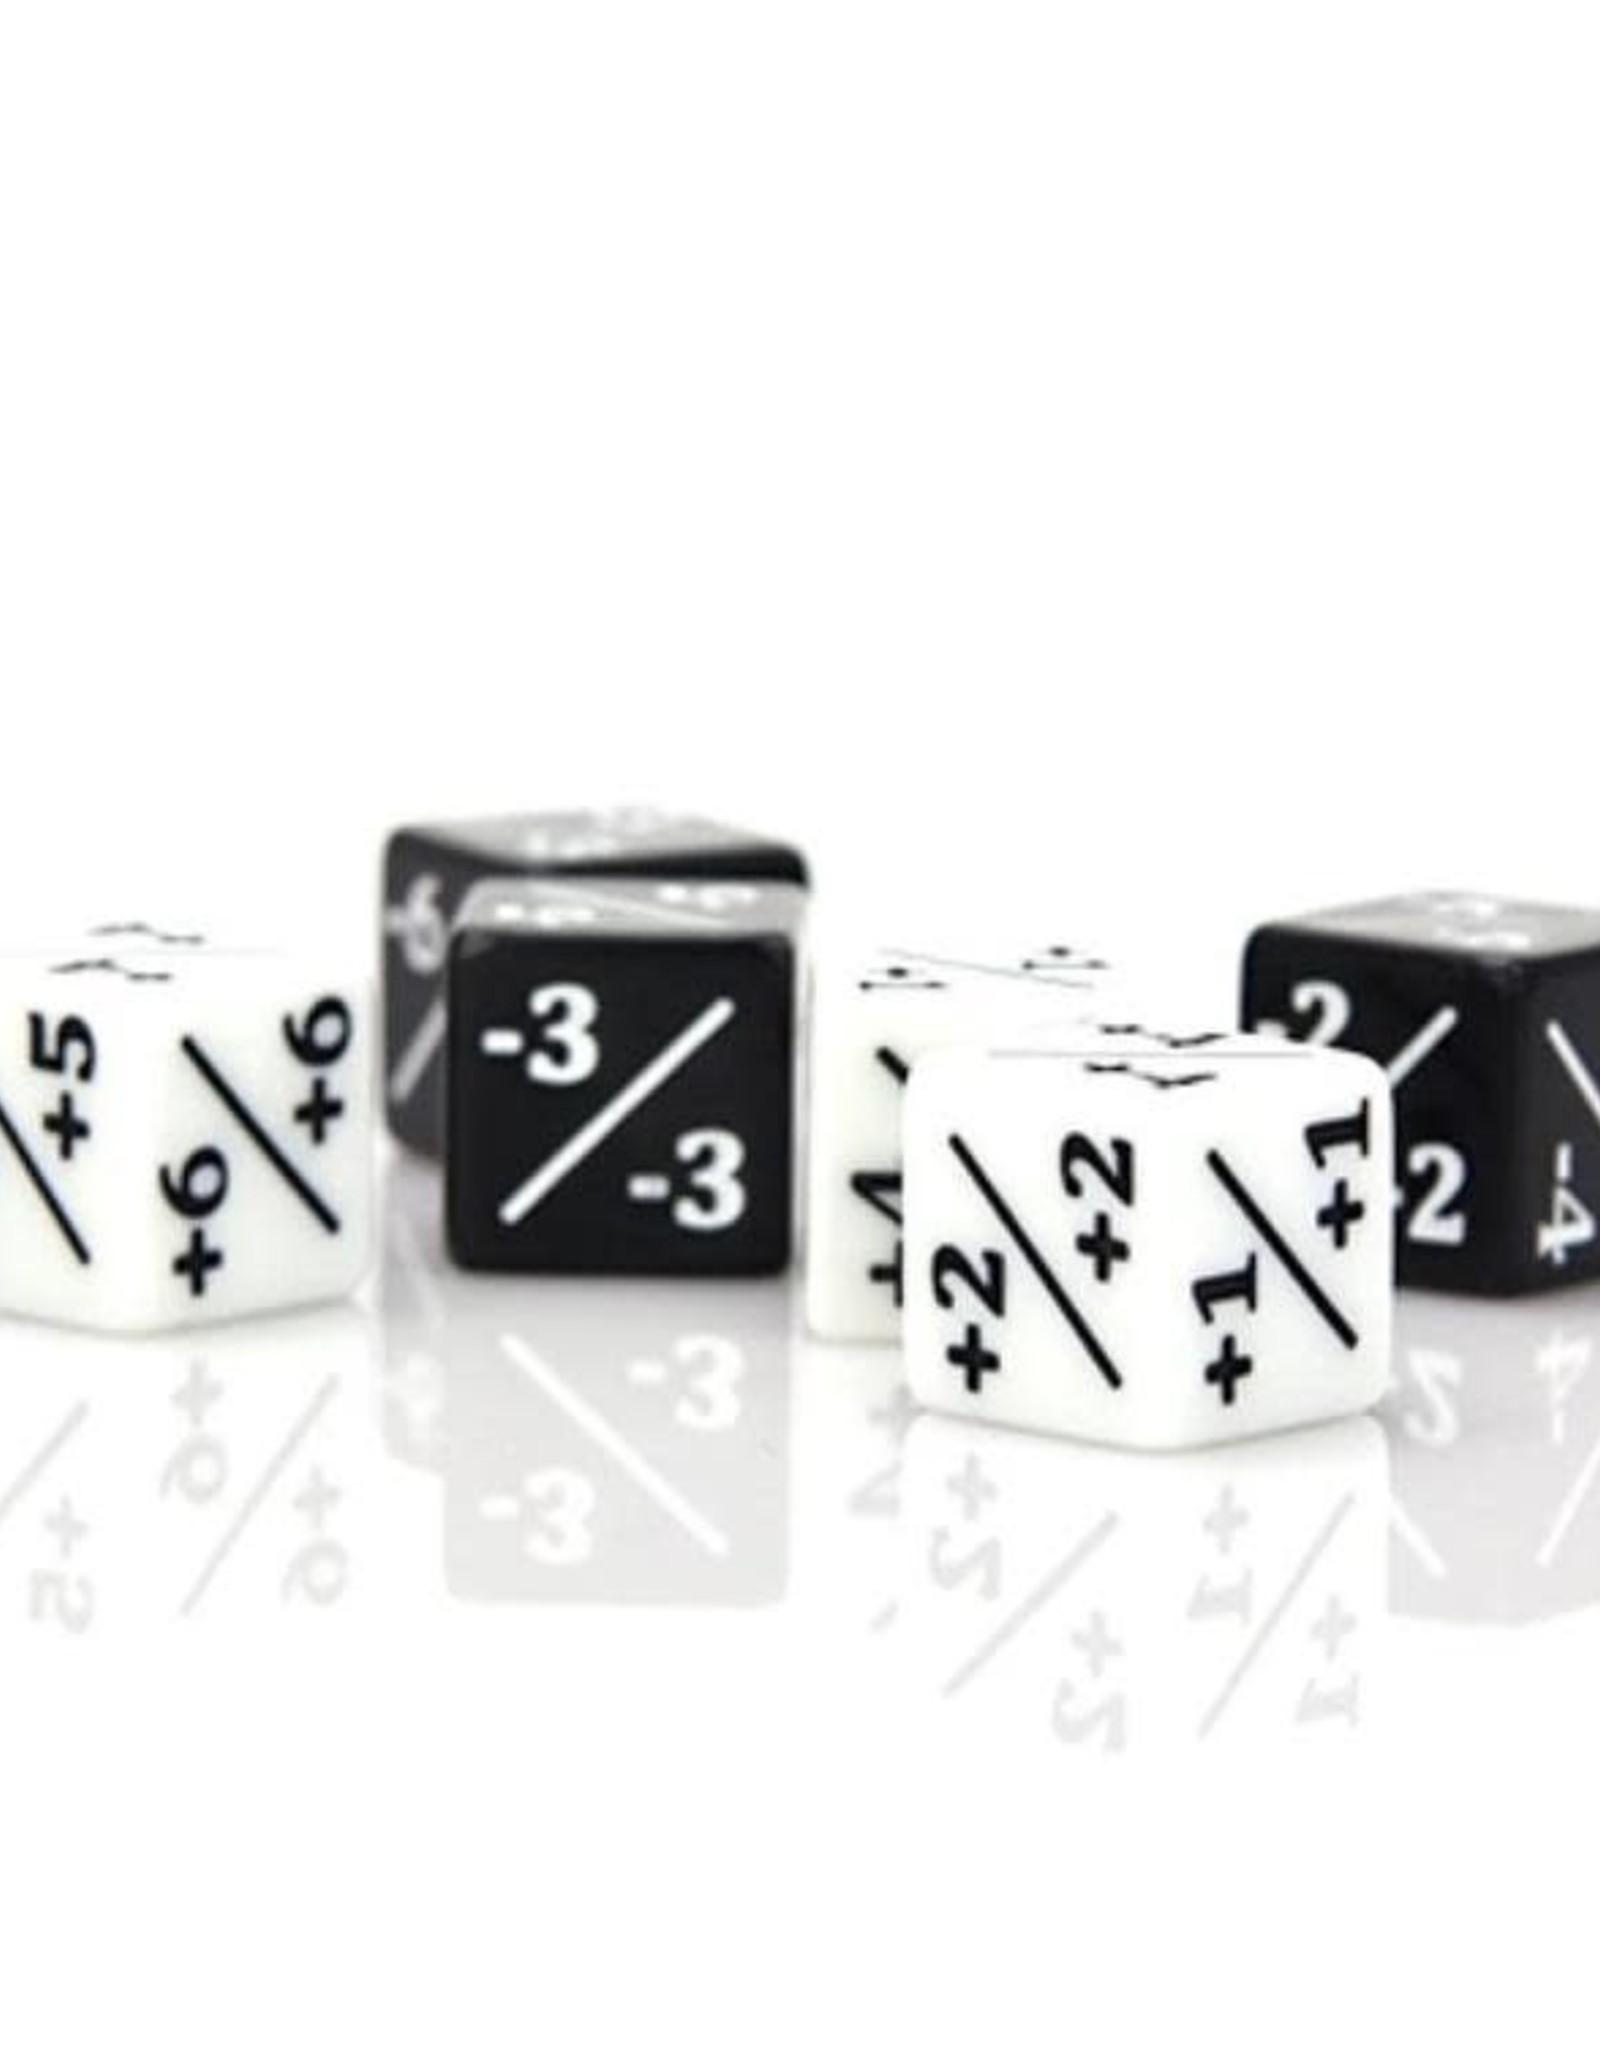 Die Hard Dice Die Hard- Power/Toughness Counters